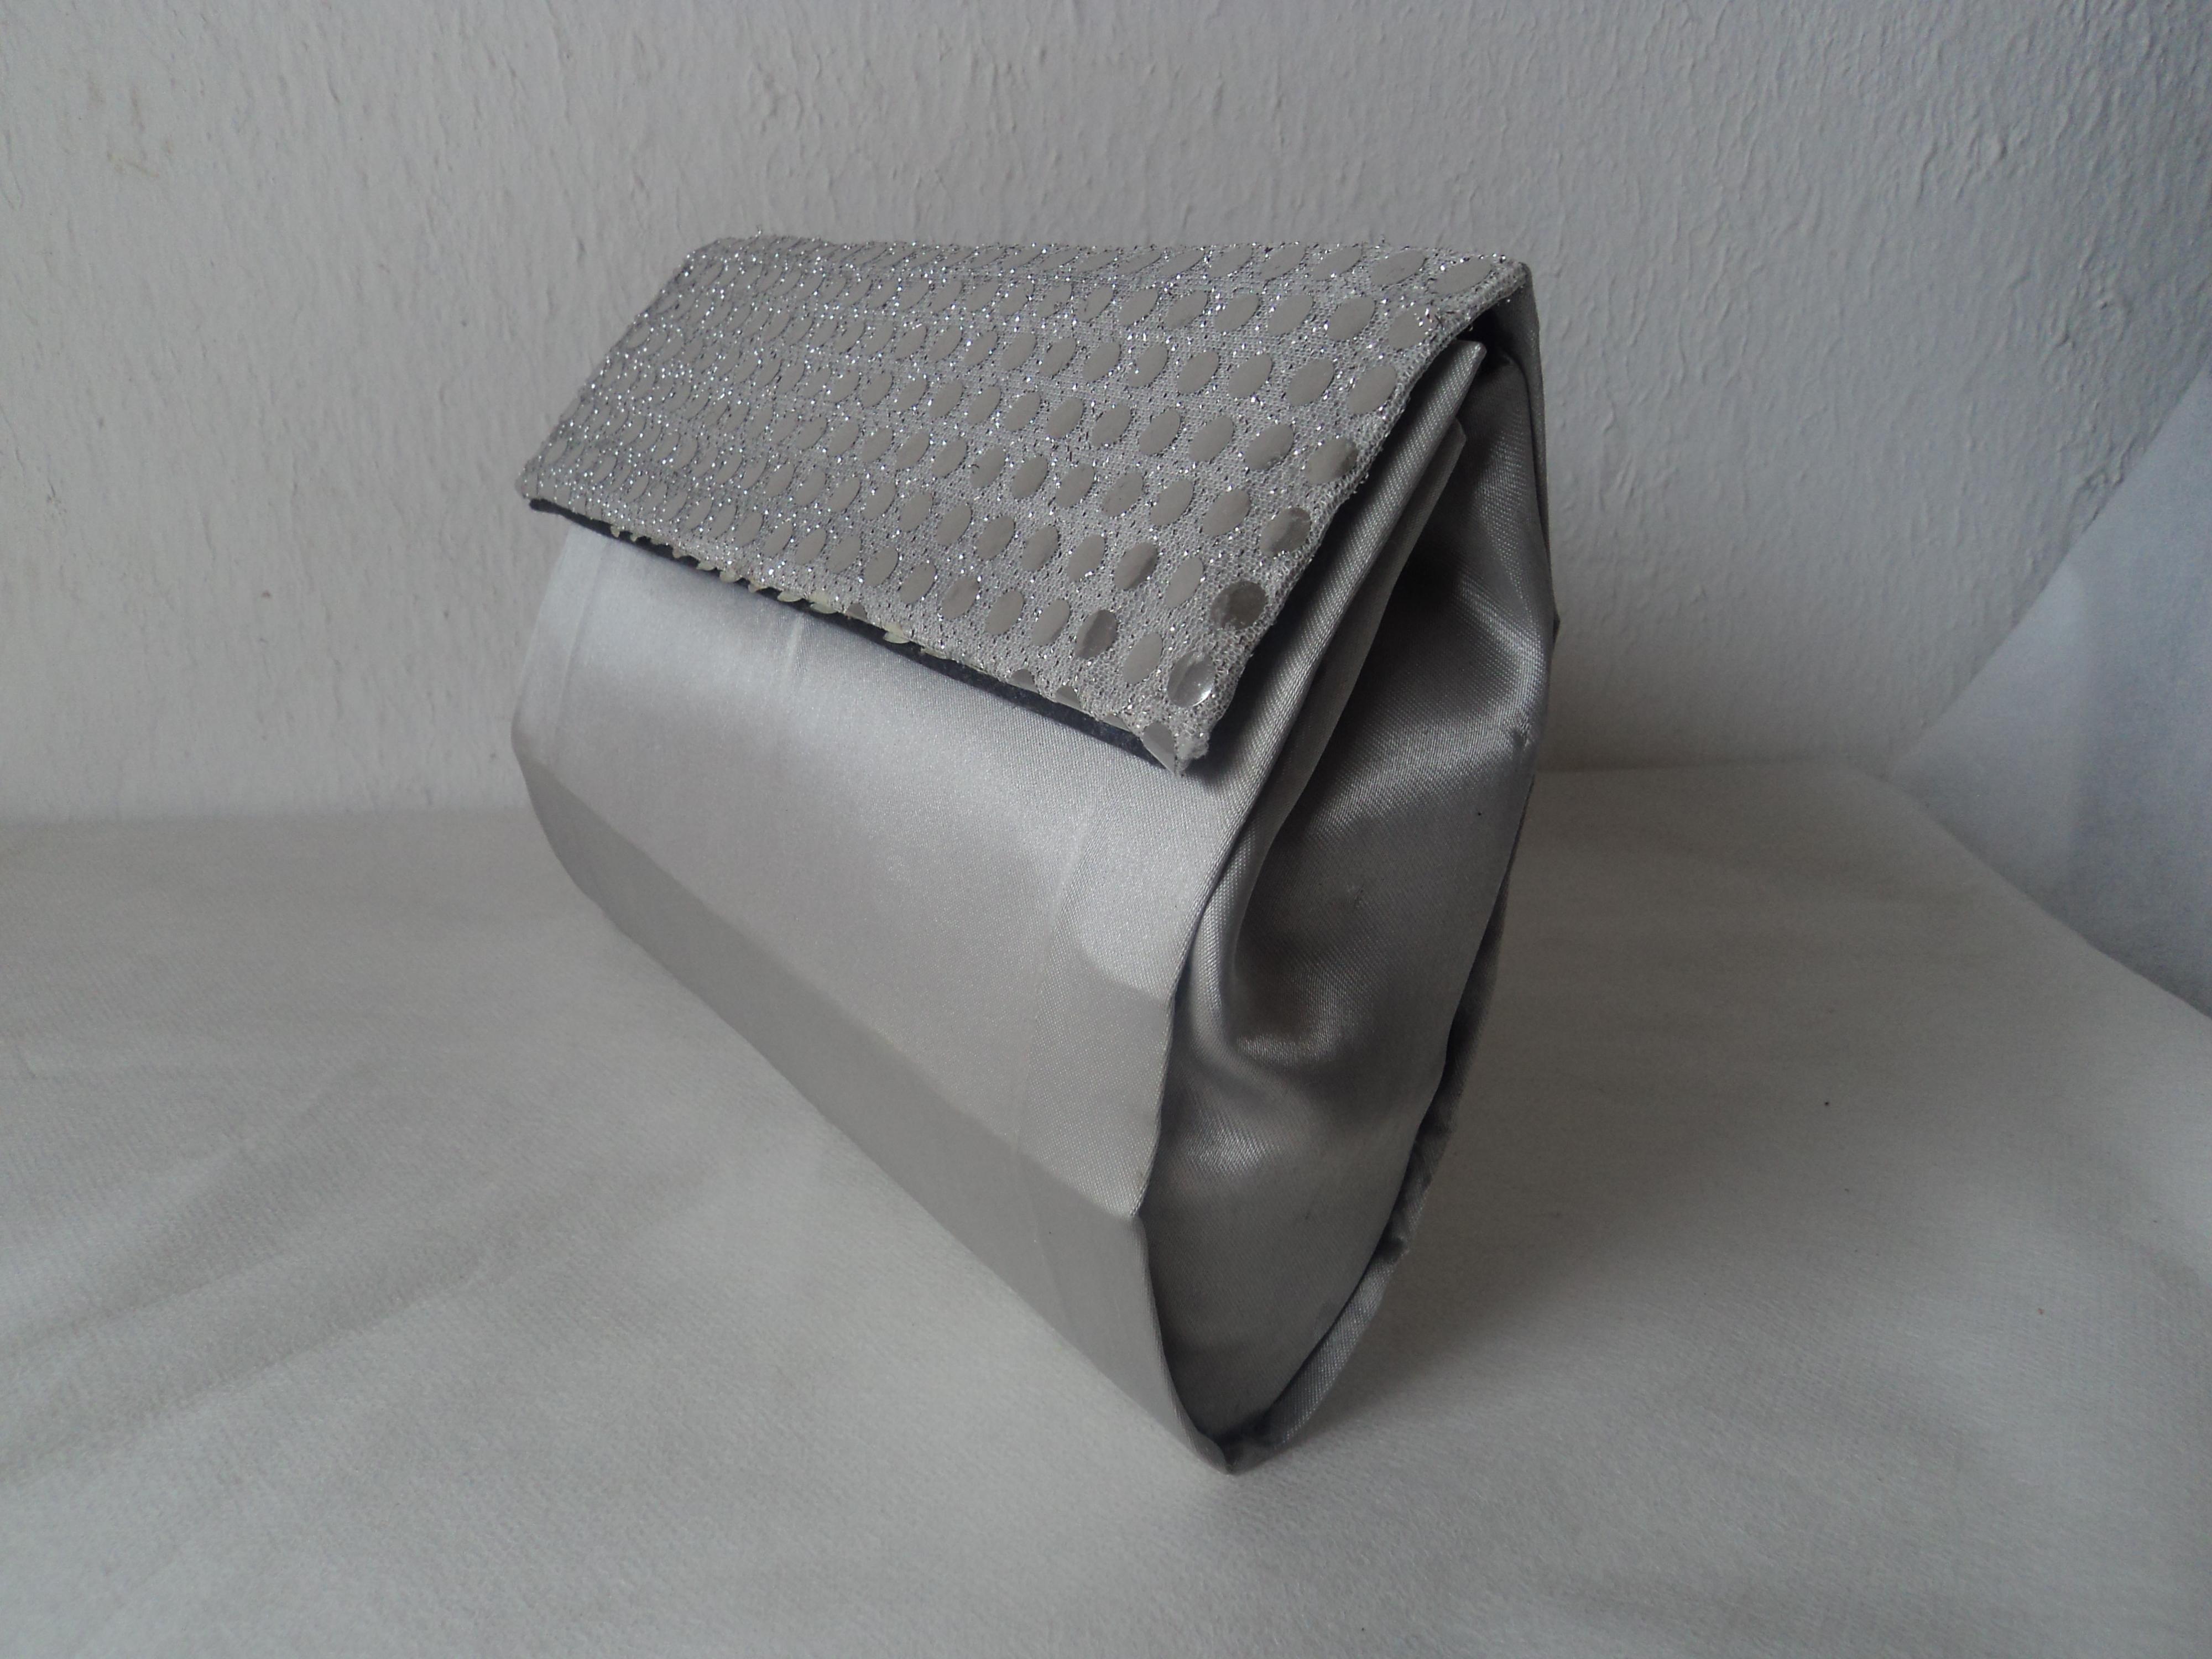 Bolsa De Mão Prata : Bolsa de m?o clutche prata fasc?nio acess?rios elo